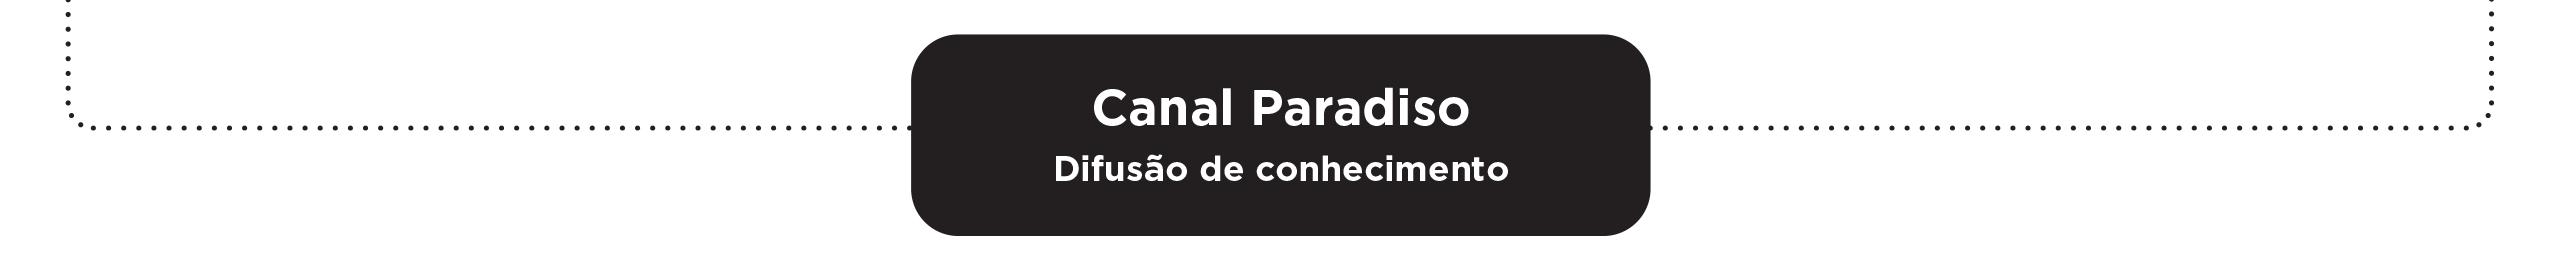 Canal Paradiso